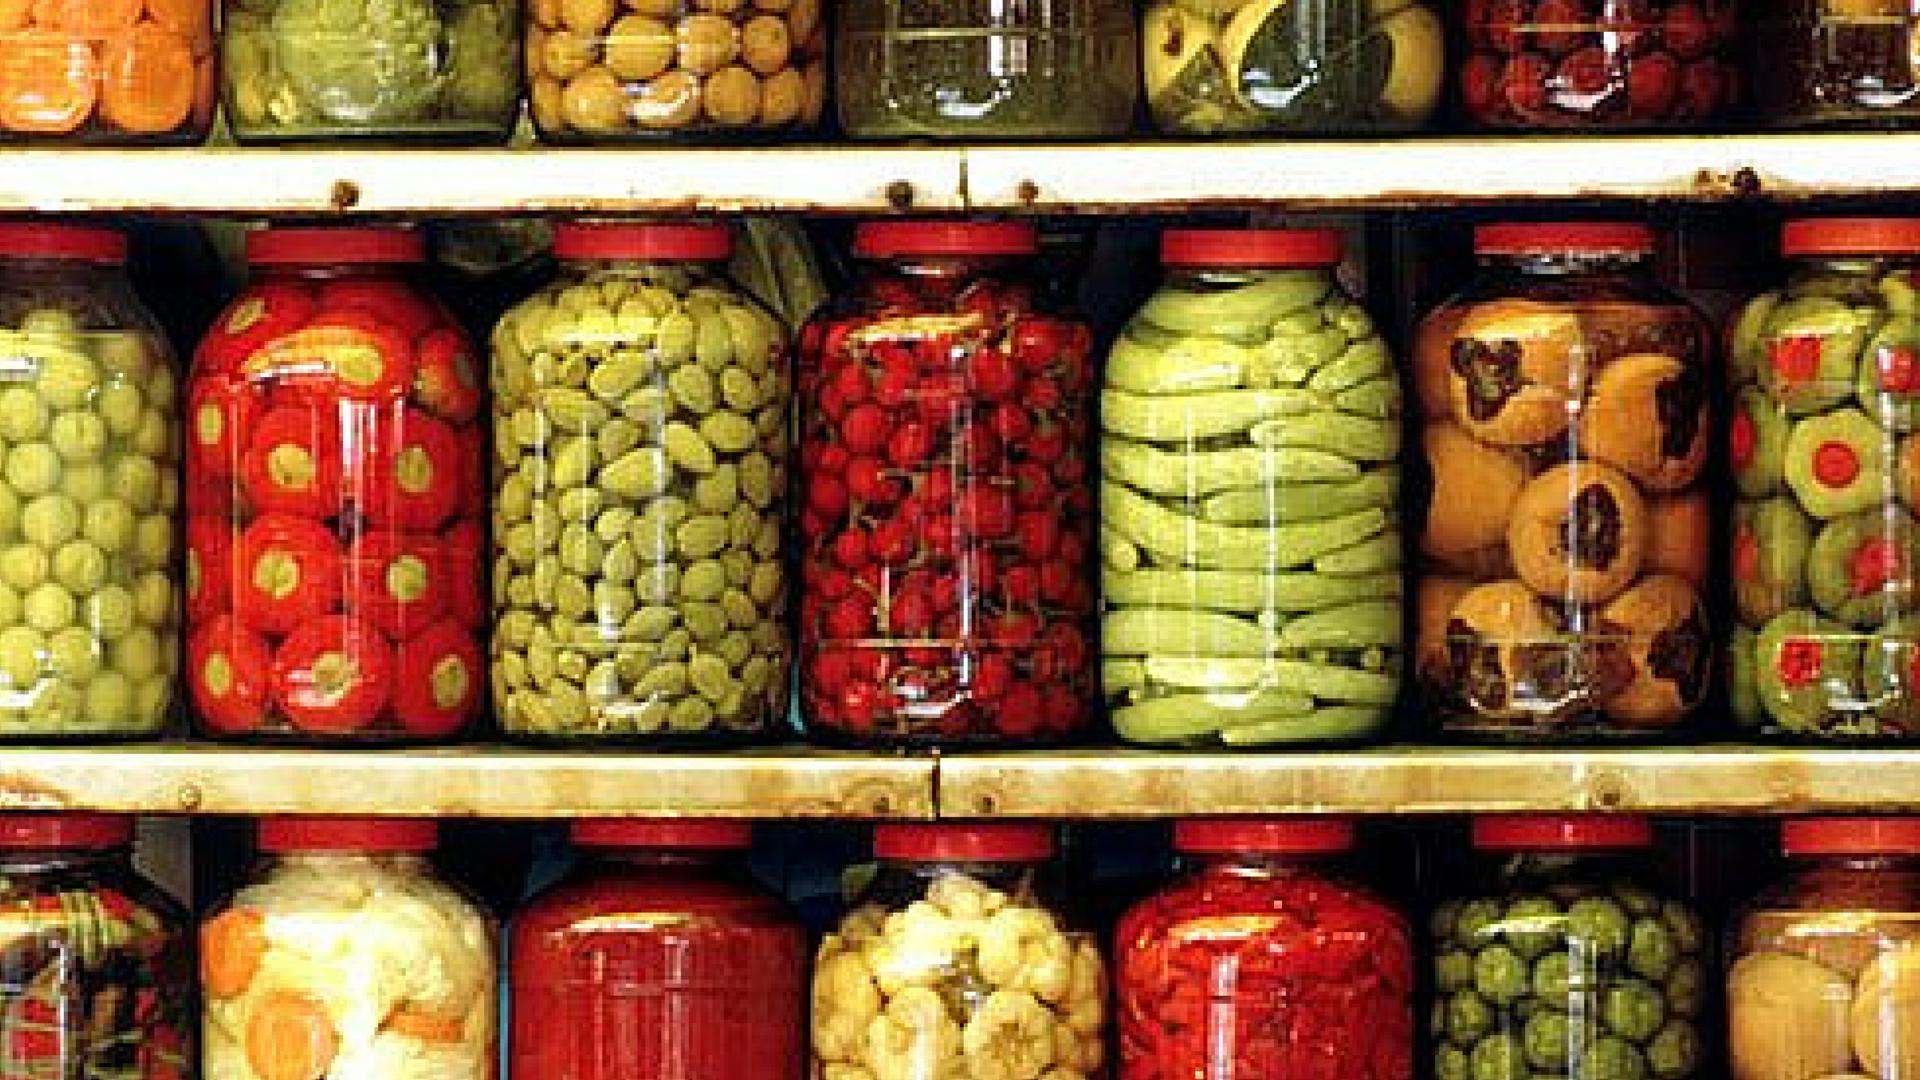 De industriële productie van voedsel en de gevolgen daarvan